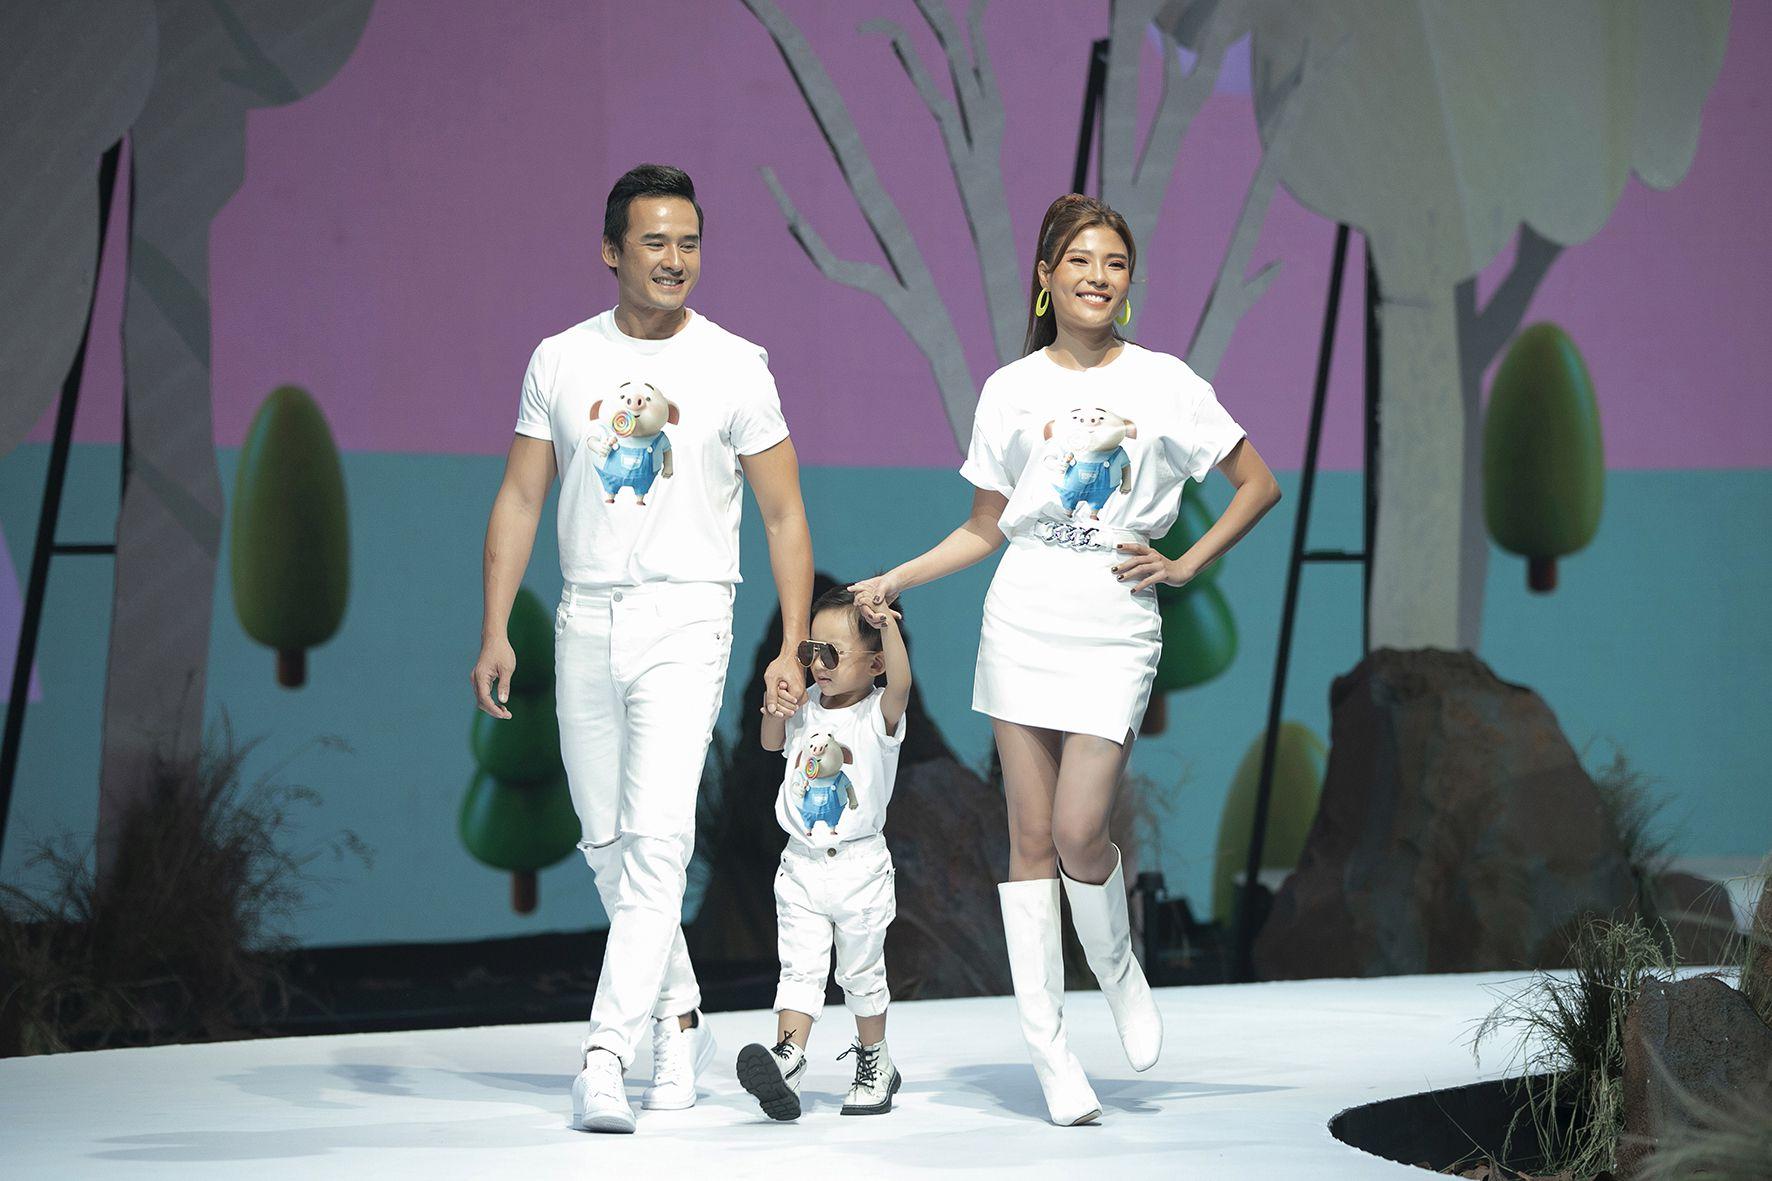 """Lần đầu tiên đưa """"quý tử"""" lên sàn catwalk, vợ chồng Lương Thế Thành - Trúc Diễm khép lại Tuần lễ thời trang trẻ em 2020 - Ảnh 5."""